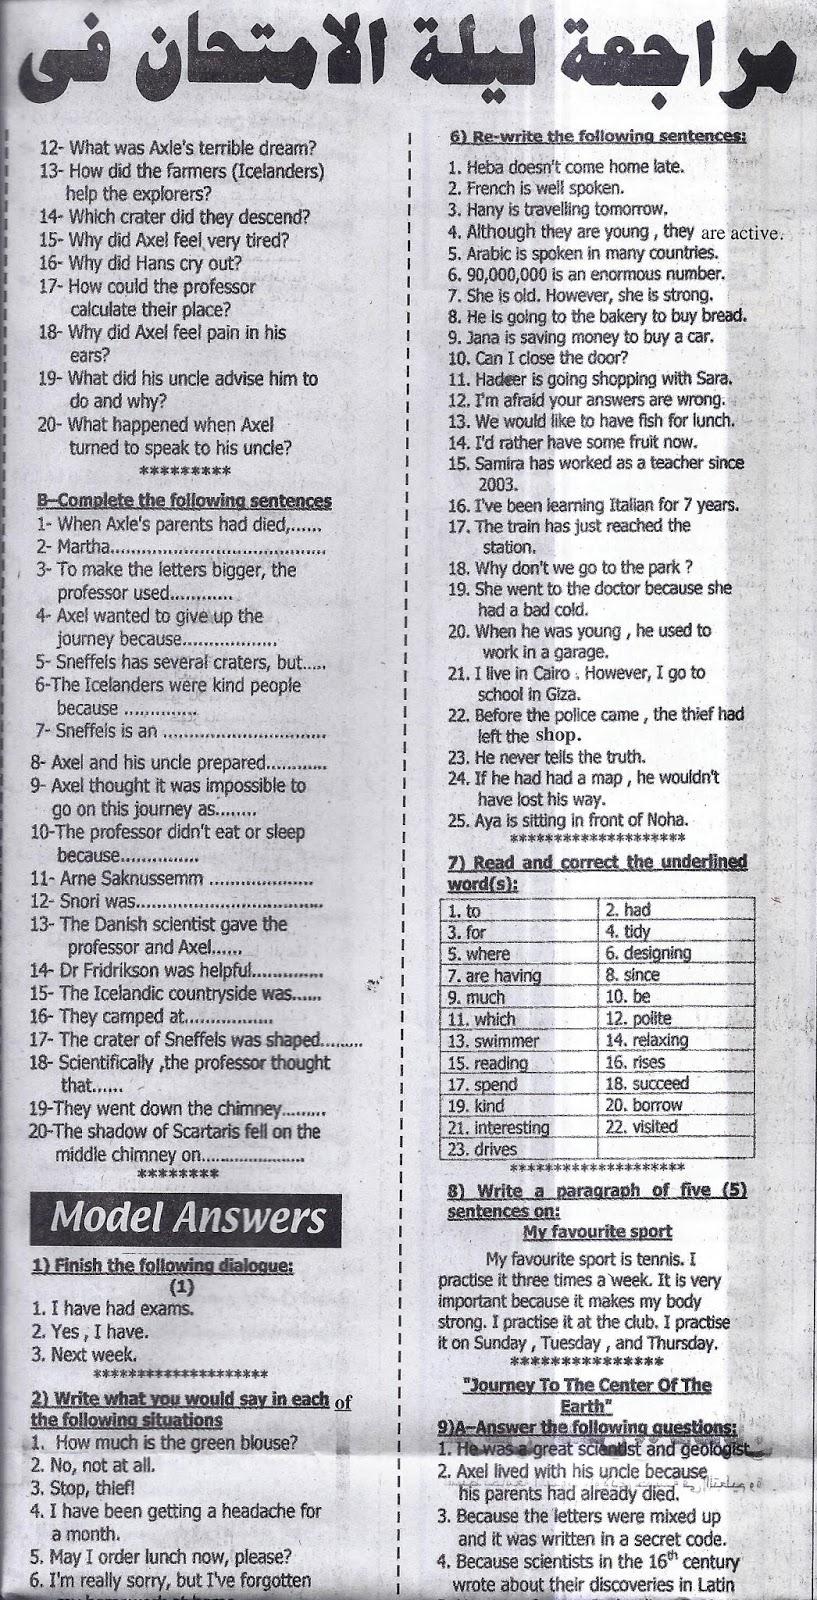 لغة انجليزية: مراجعة مبسطة جدا للشهادة الاعدادية الترم الاول_ملحق الجمهورية 24/1/2016  Scan0002